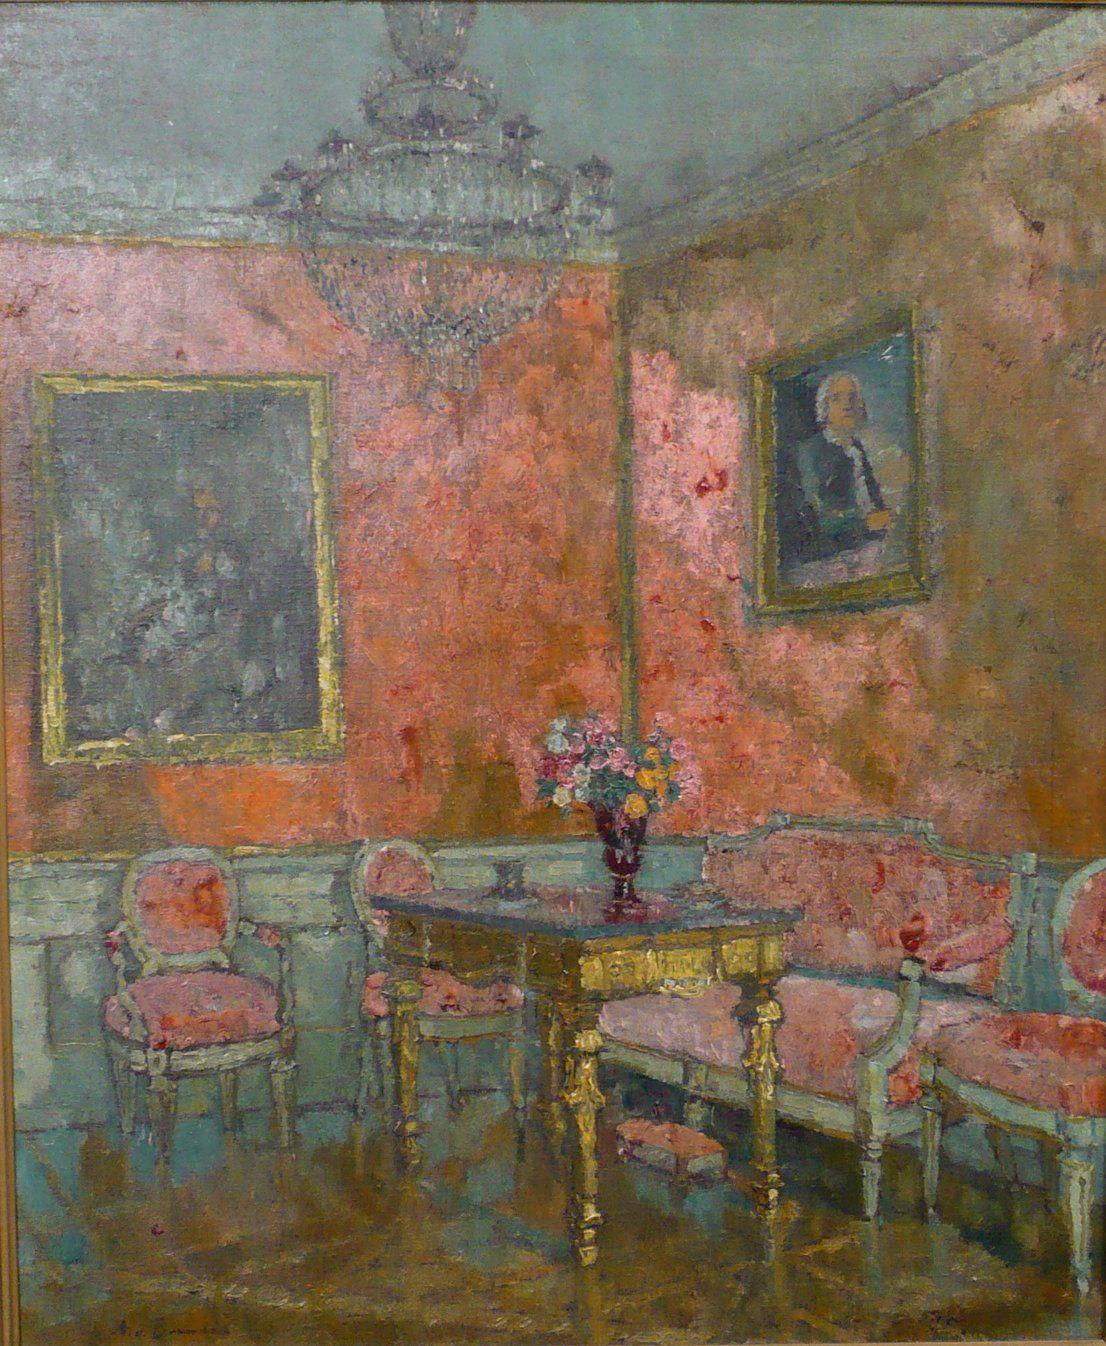 Landschaftsmalerei impressionismus  Weimarer Schloss , August von Brandis, German Impressionism ...